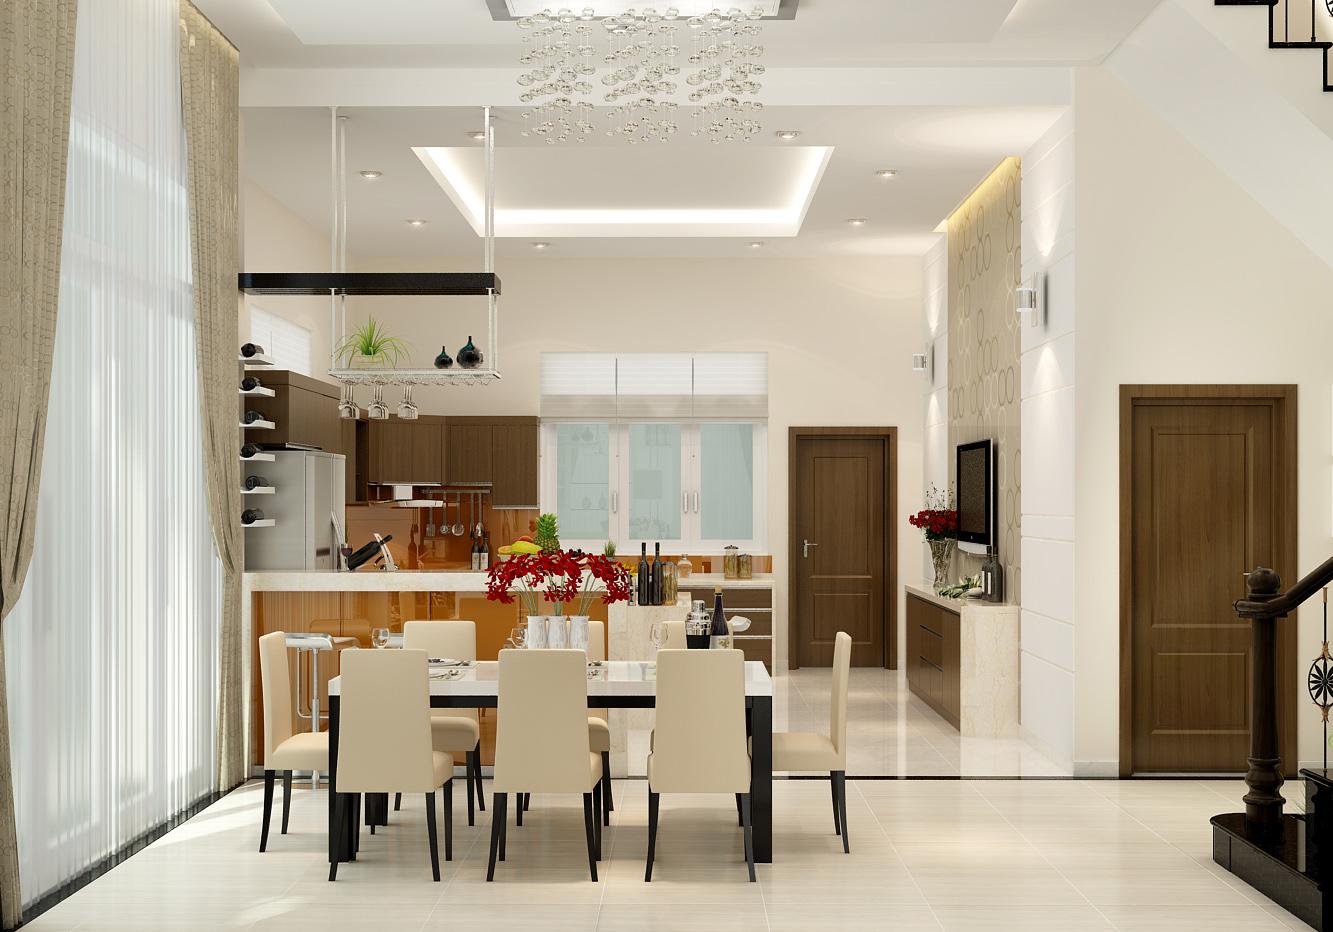 kinh nghiệm chọn nội thất cho gian bếp